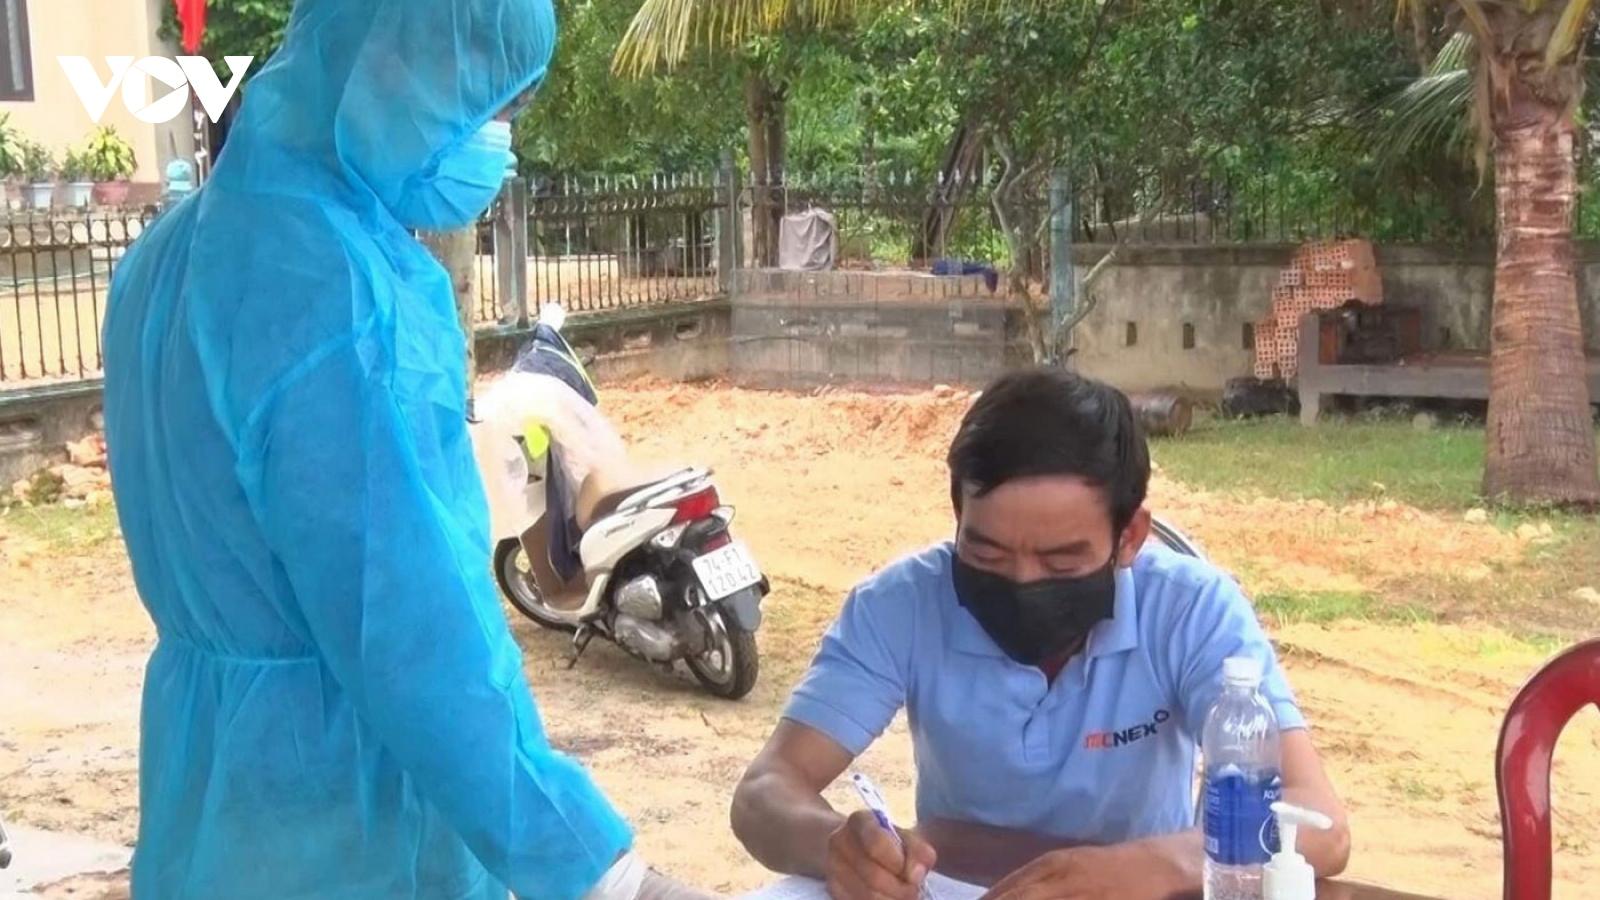 Cách ly các trường hợp ởQuảng Trịtiếp xúc với ca nhiễm Covid-19 tại tỉnh Gia Lai